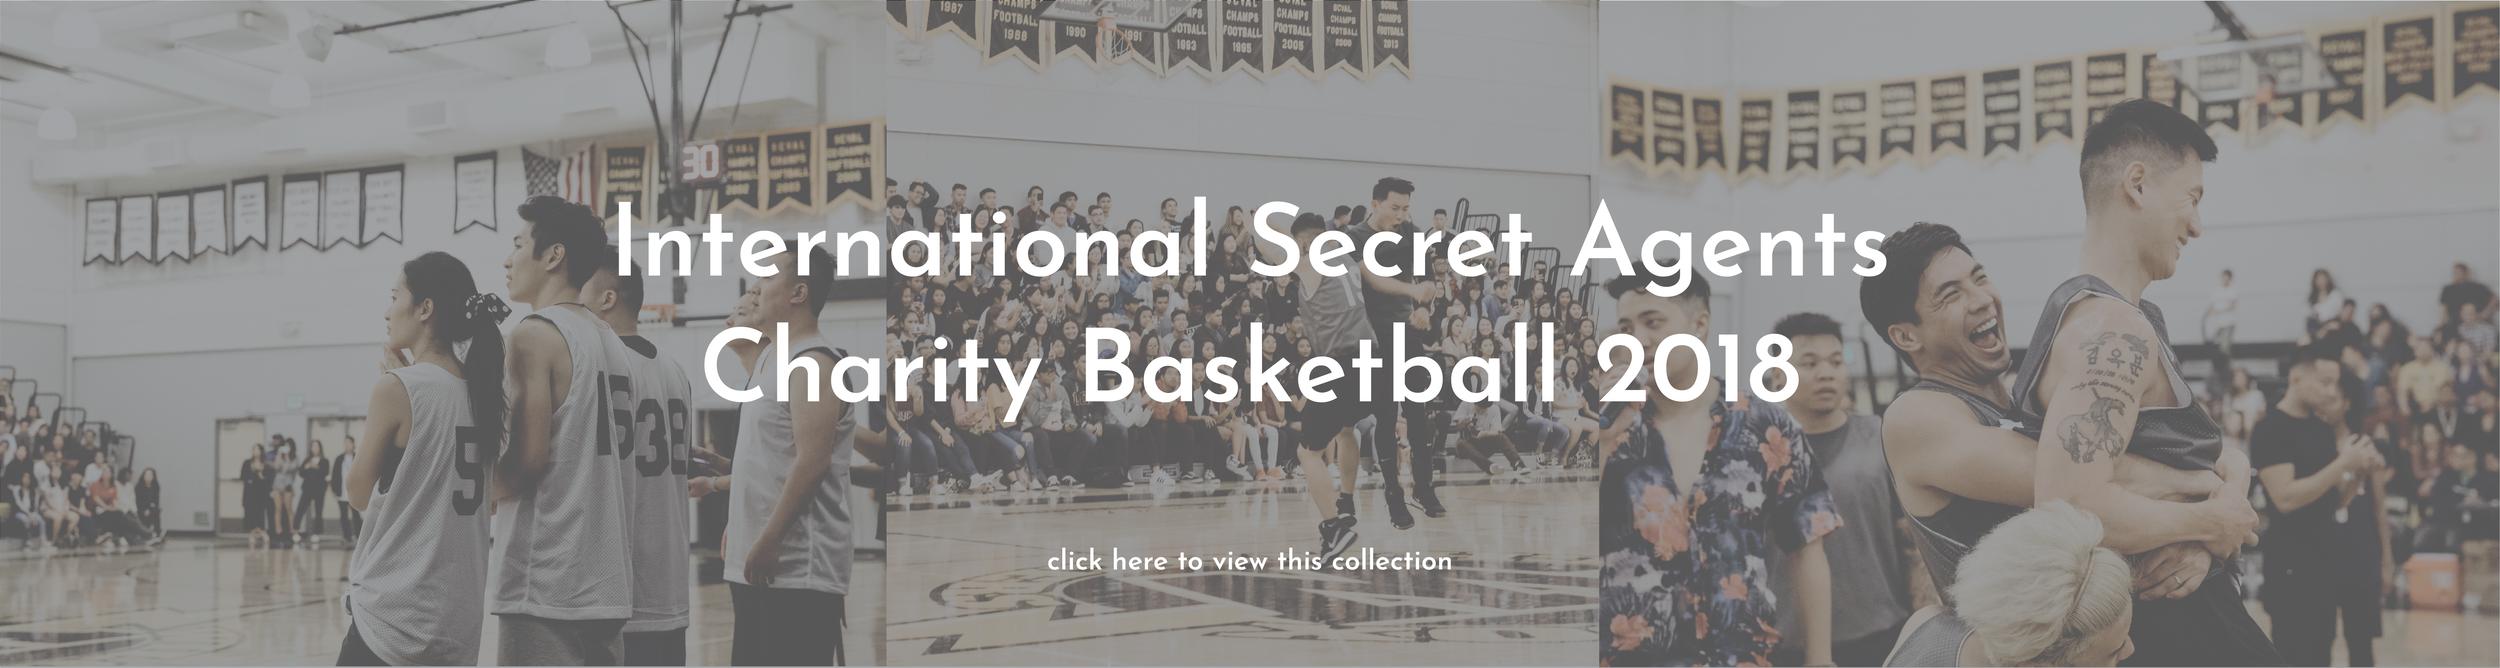 ISA Charity Basketball 2018-02.png